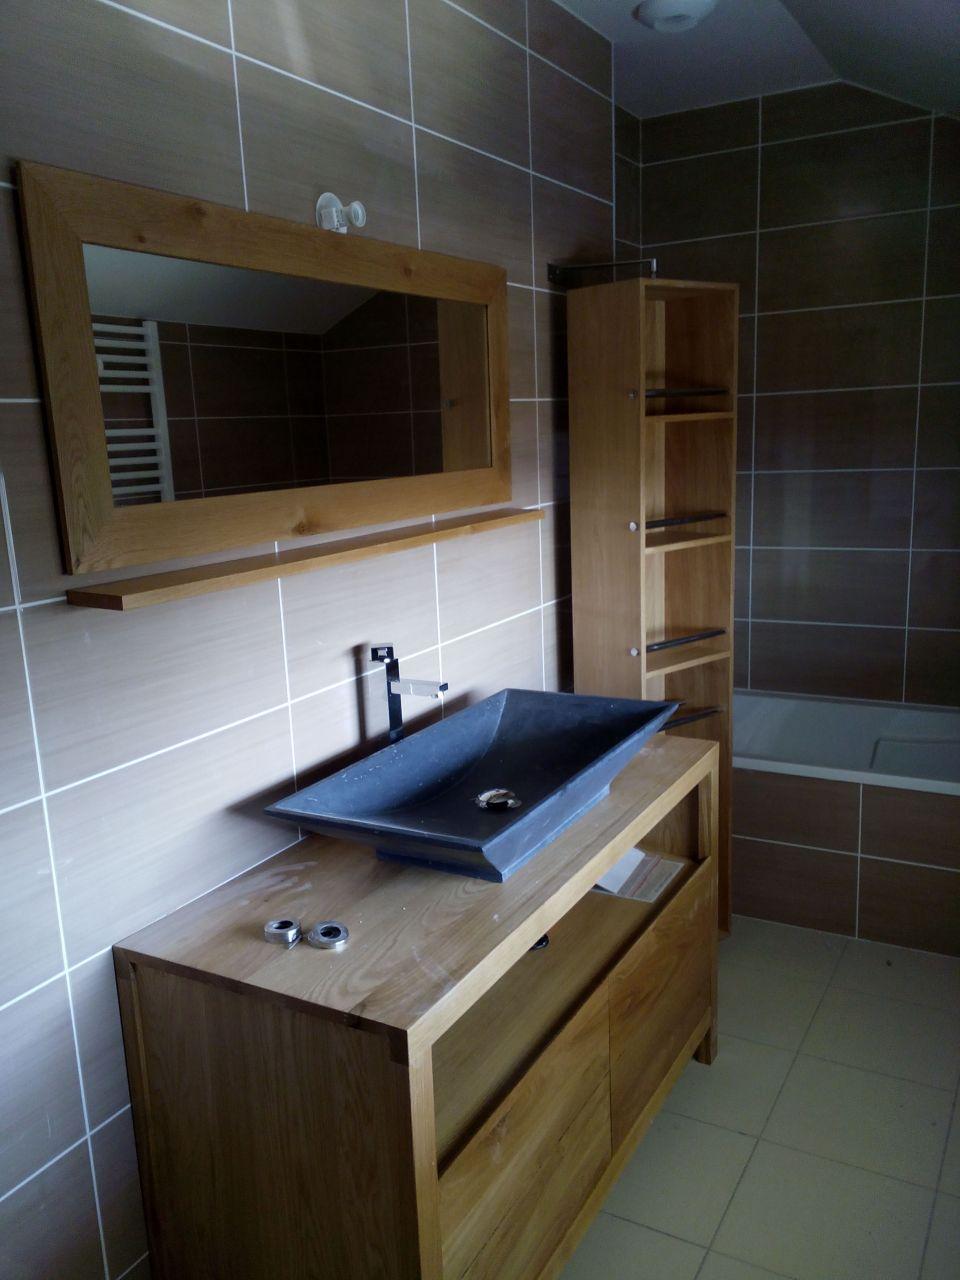 Good ainsi que deux luminaires lueau est en service depuis se matin tout fonctionne bien with - Meuble salle de bain cocktail scandinave ...